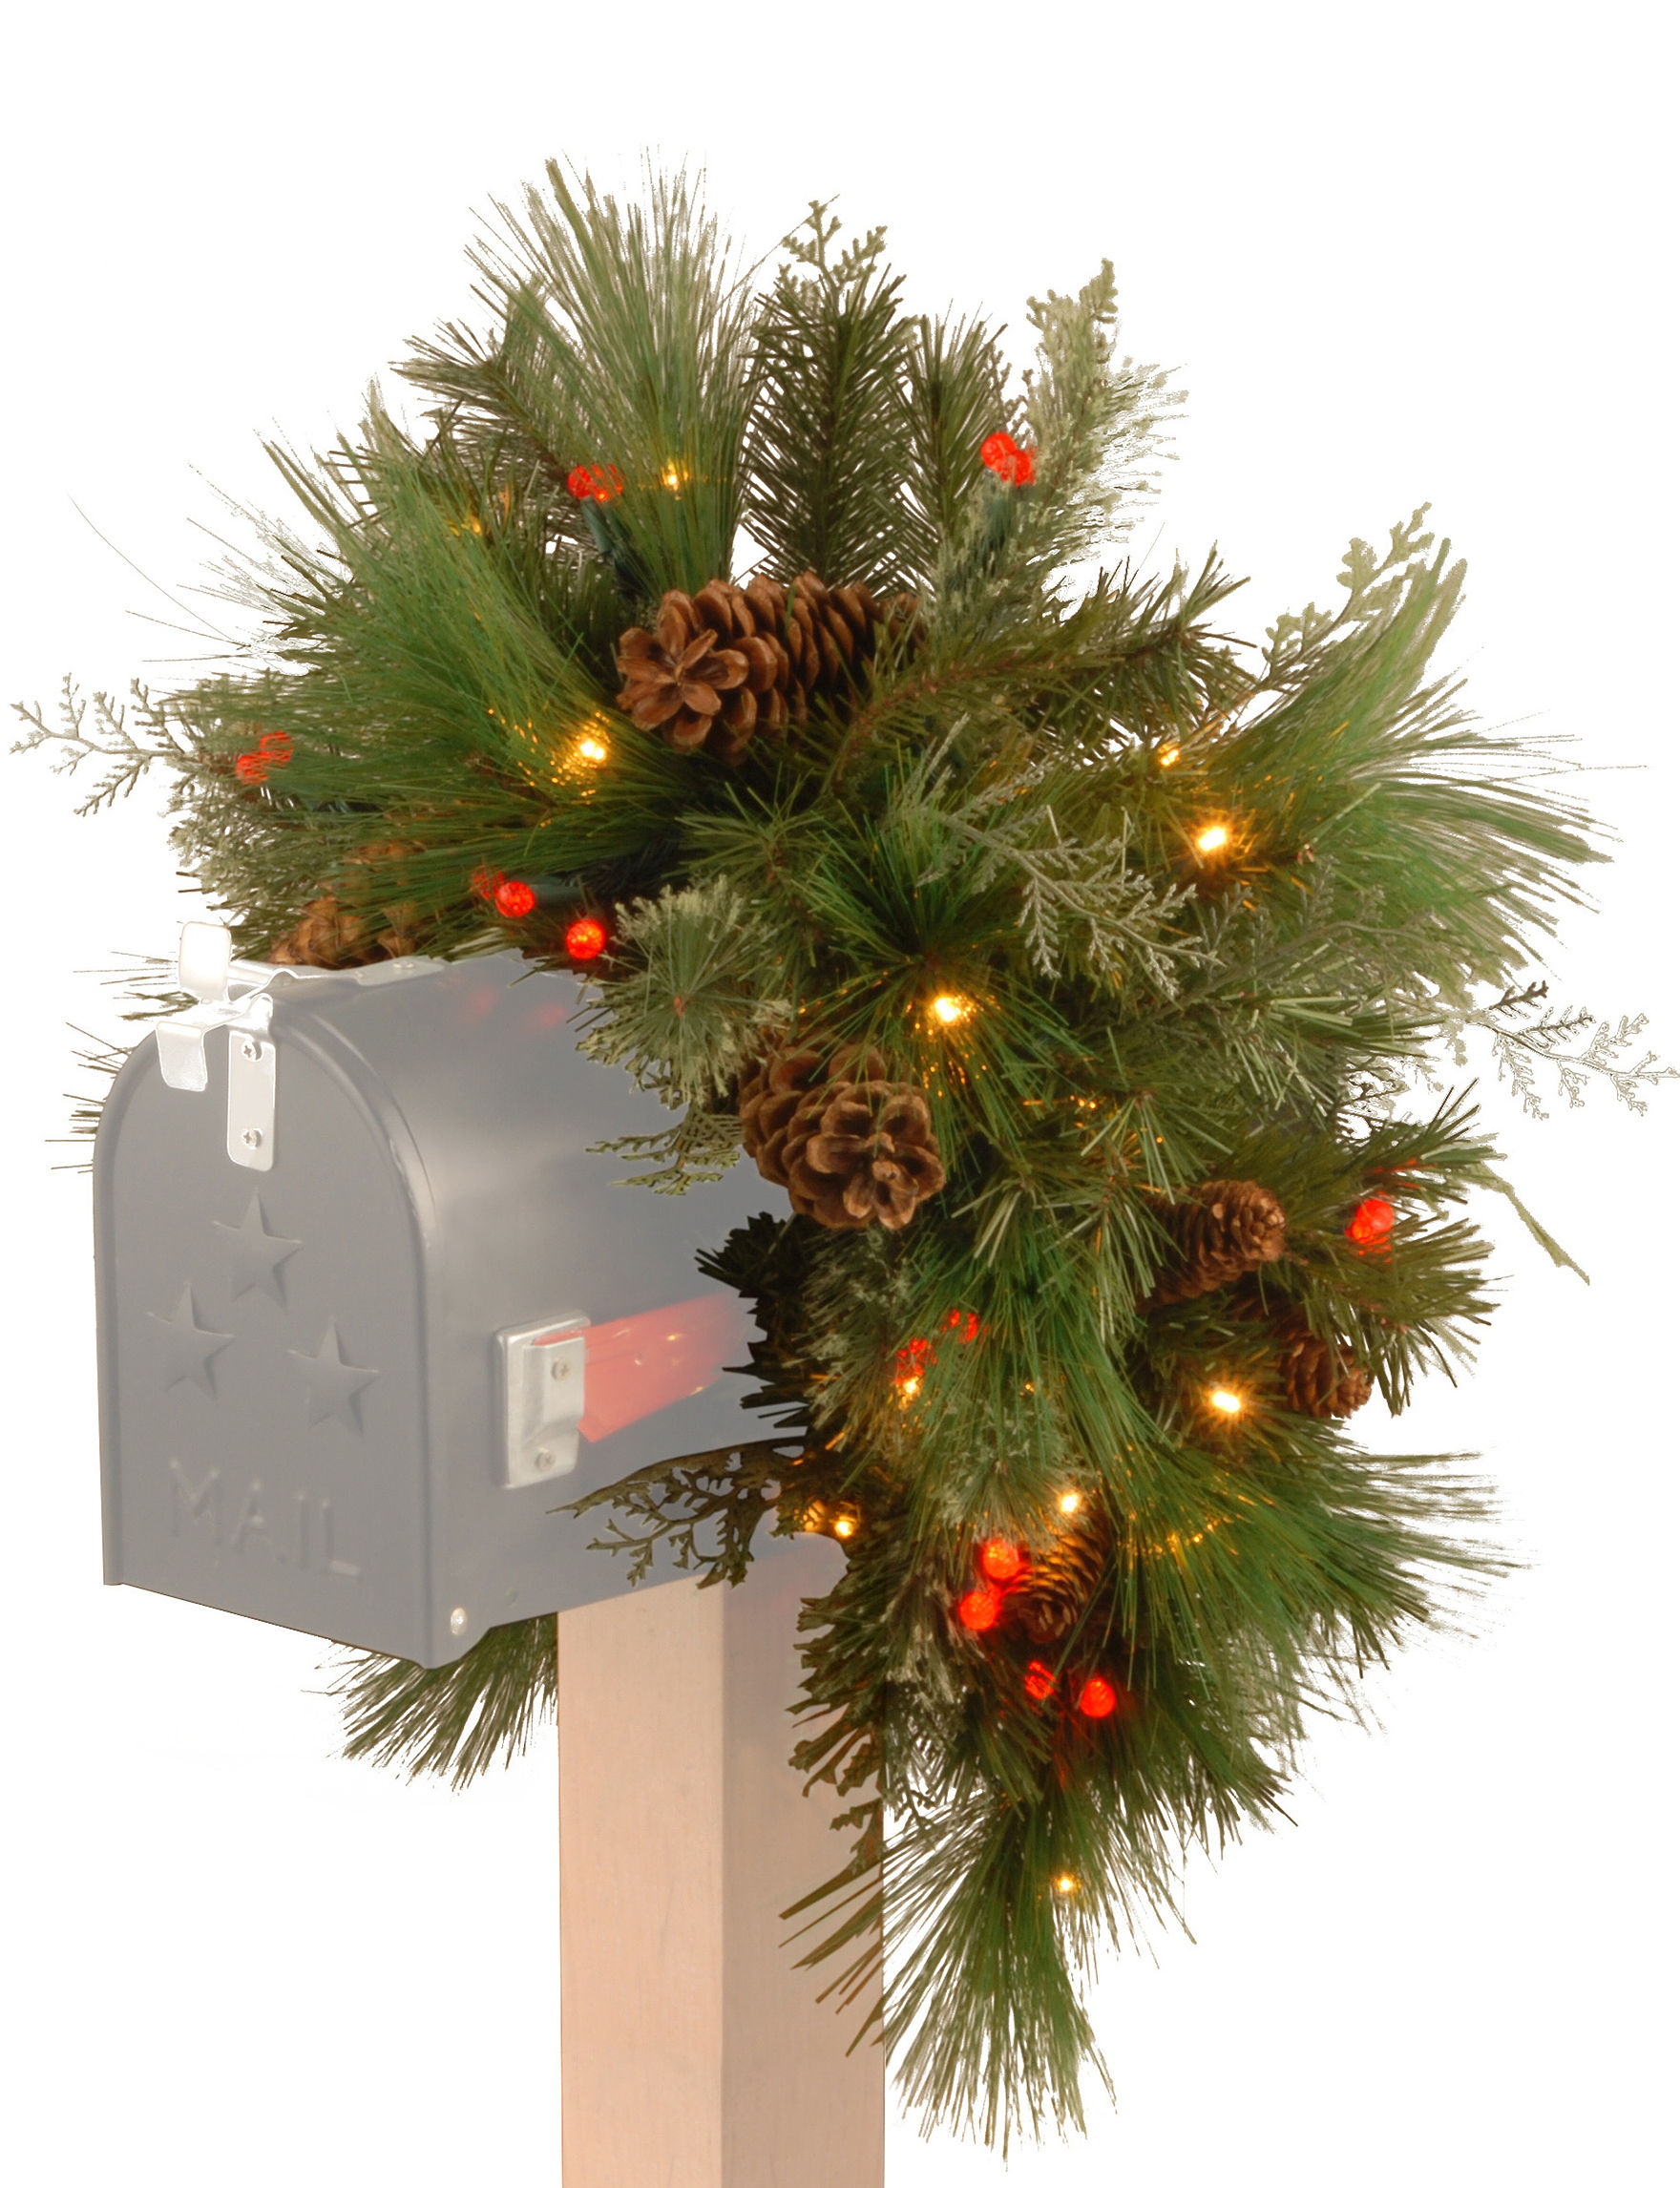 National Tree Company Green Outdoor Holiday Decor Holiday Decor